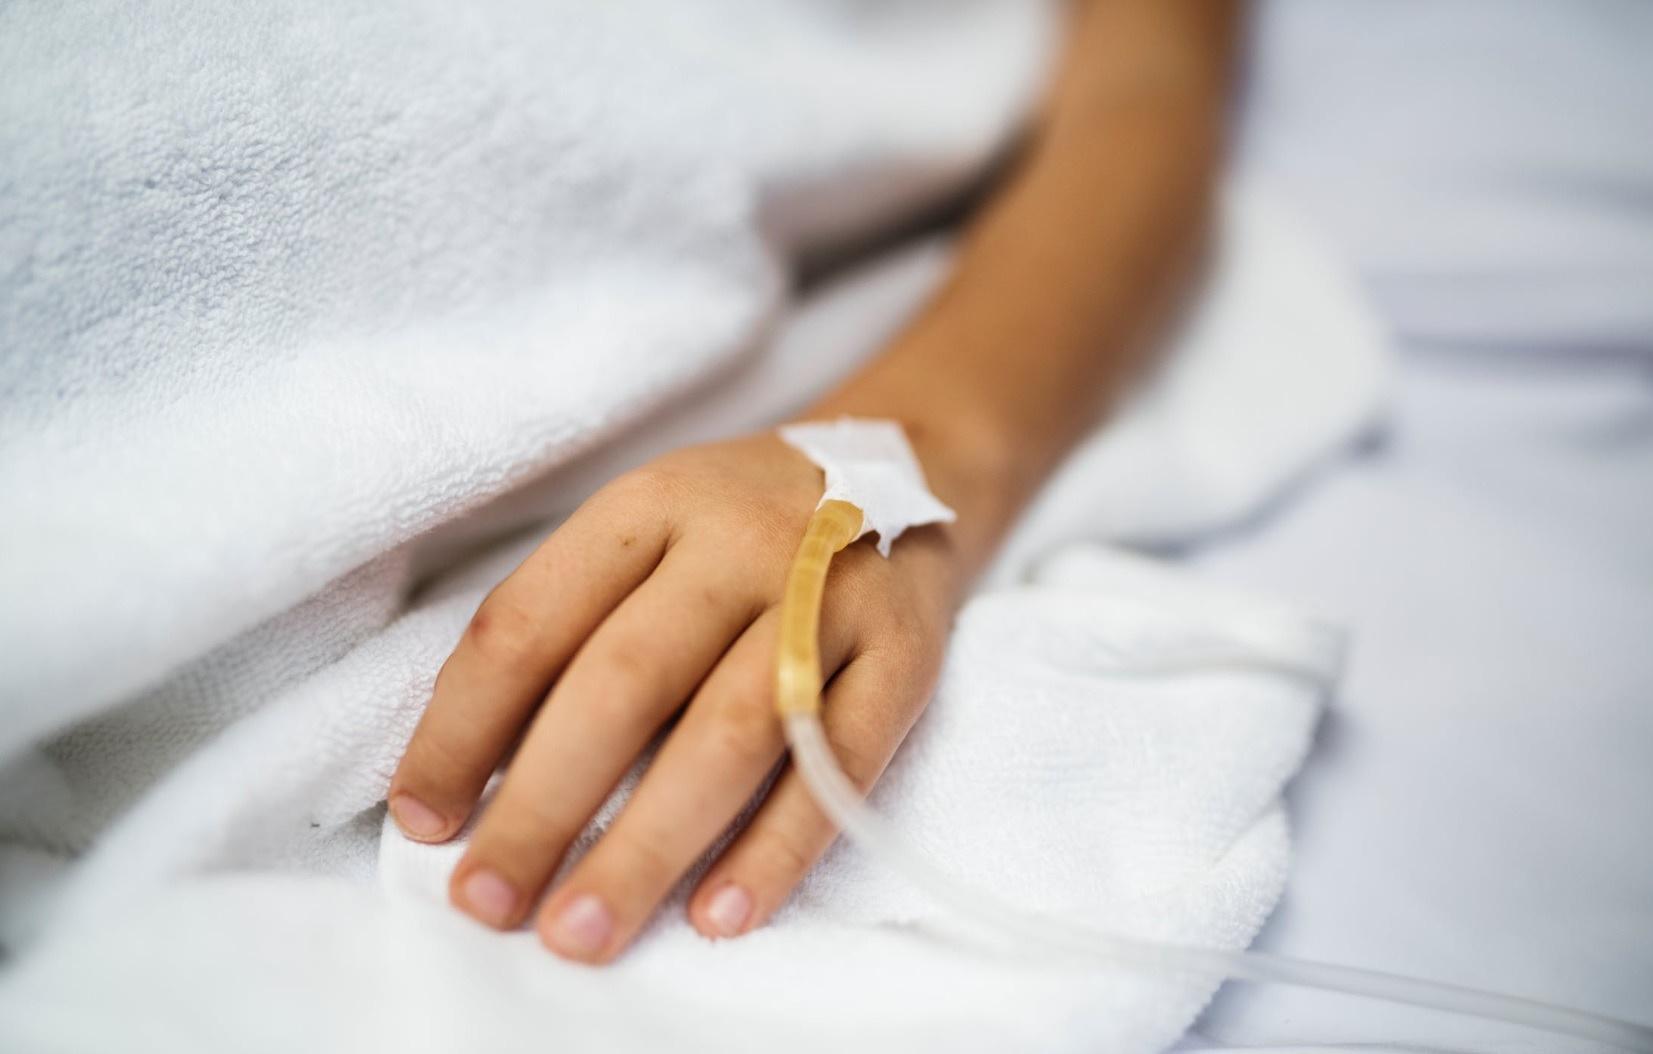 Dù đã được điều trị, tế bào ung thư vẫn có thể phát triển rầm rộ trở lại vì 3 lý do này  - Ảnh 1.